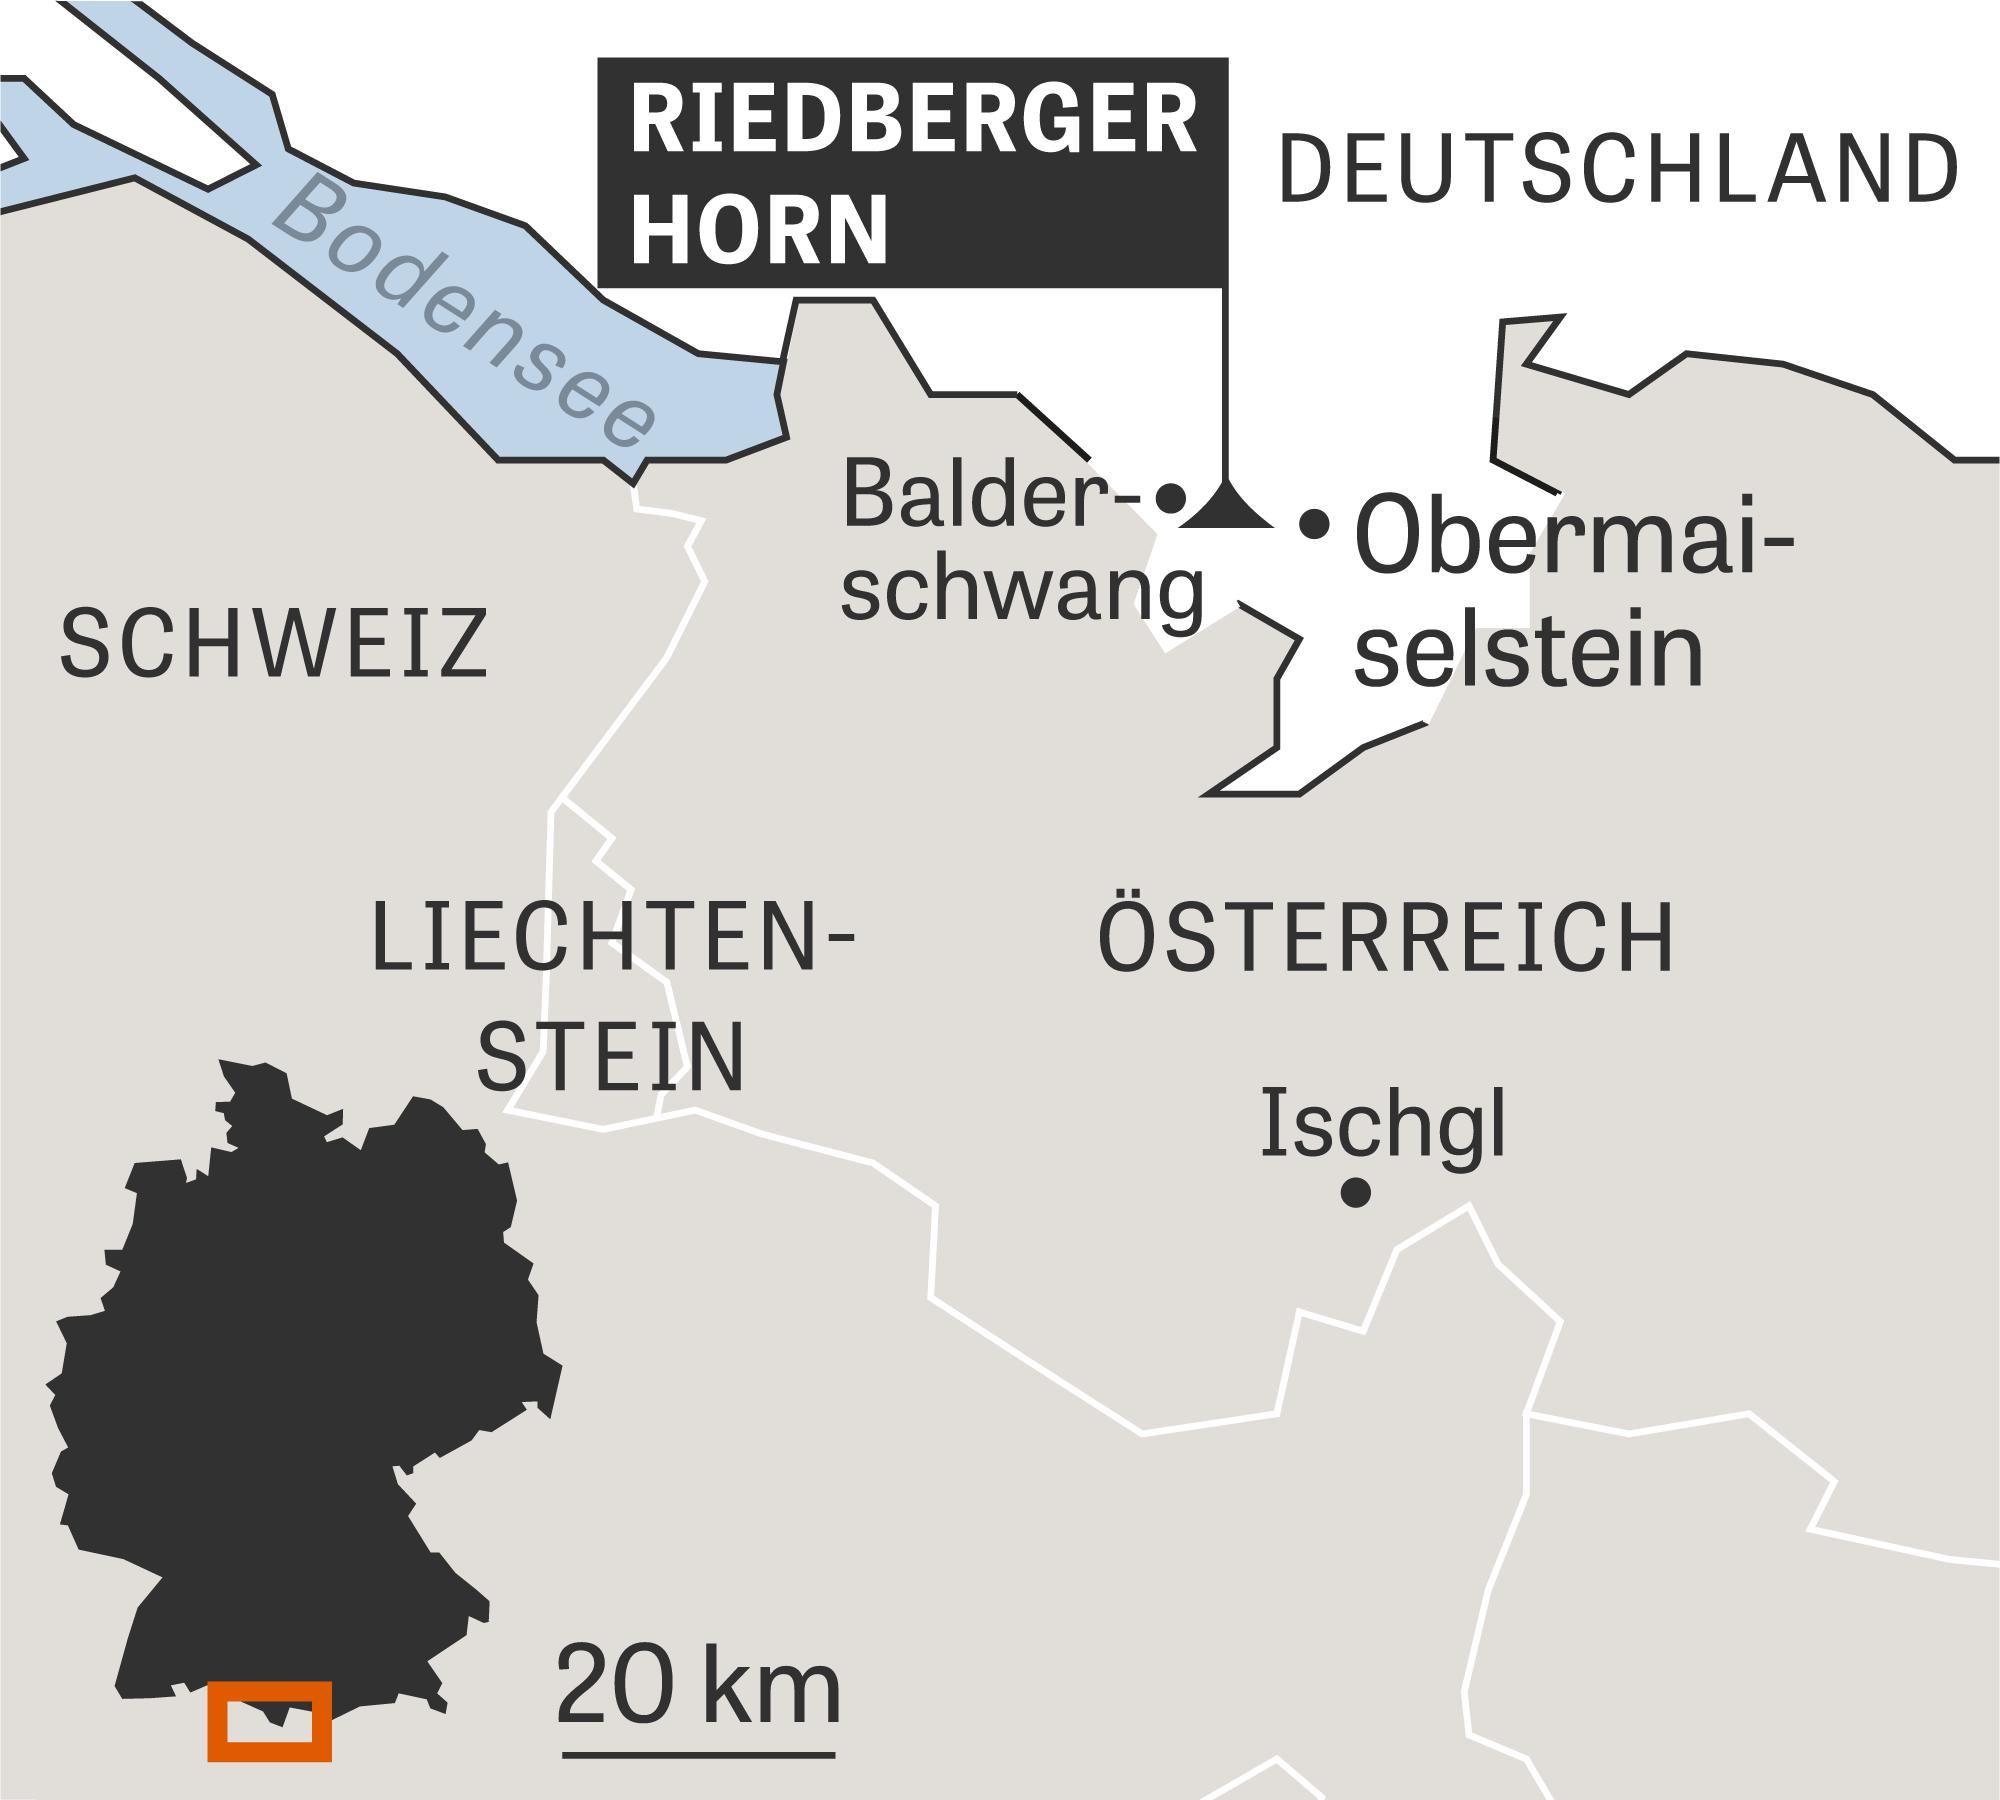 Das Riedberger Horn soll mit einem anderen Skigebiet verbunden werden.